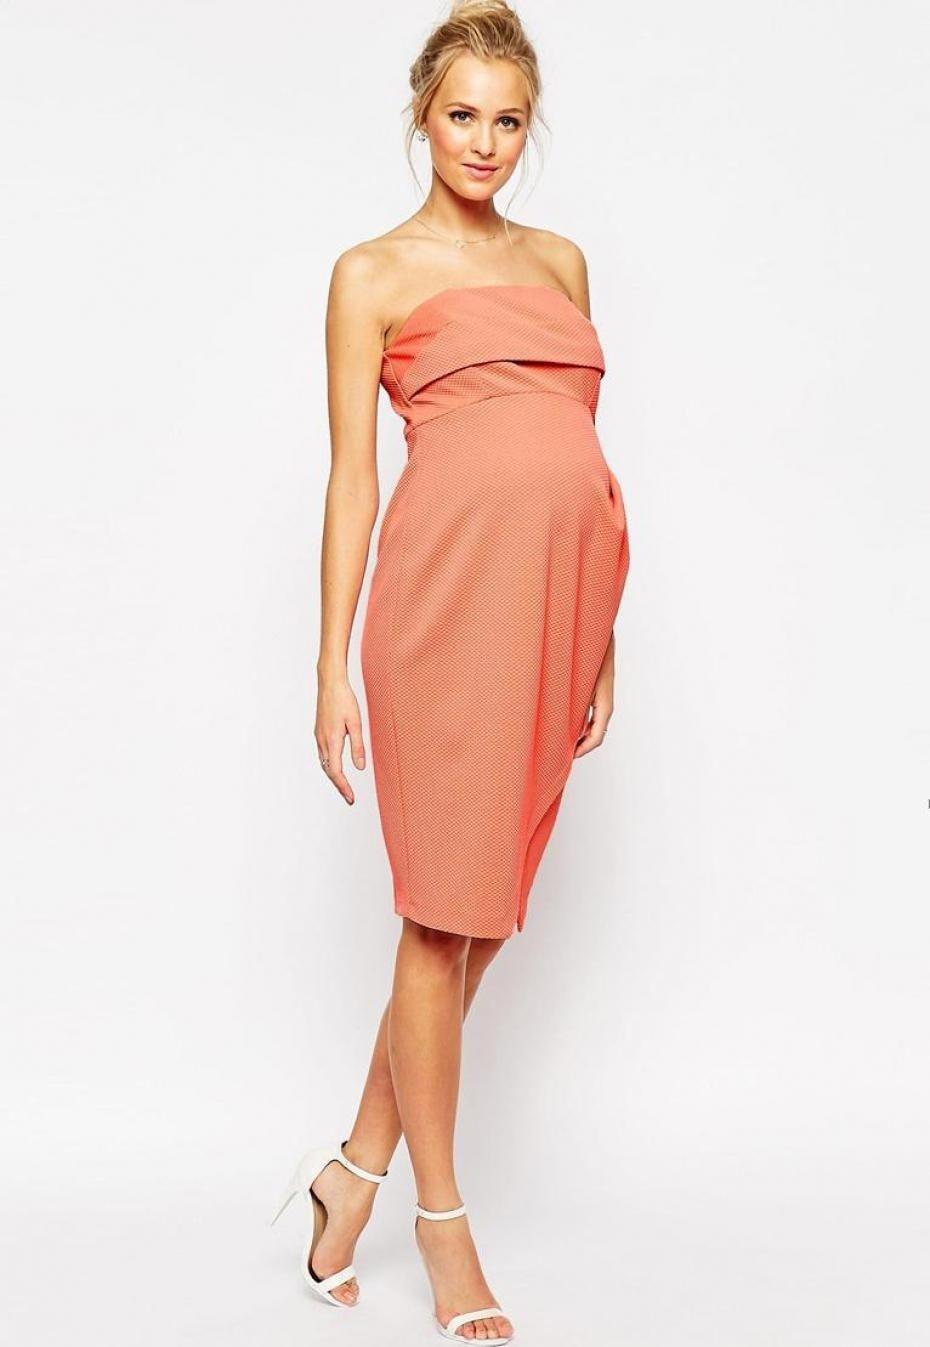 Abend Coolste Abendkleider Für Schwangere für 201910 Luxus Abendkleider Für Schwangere Vertrieb